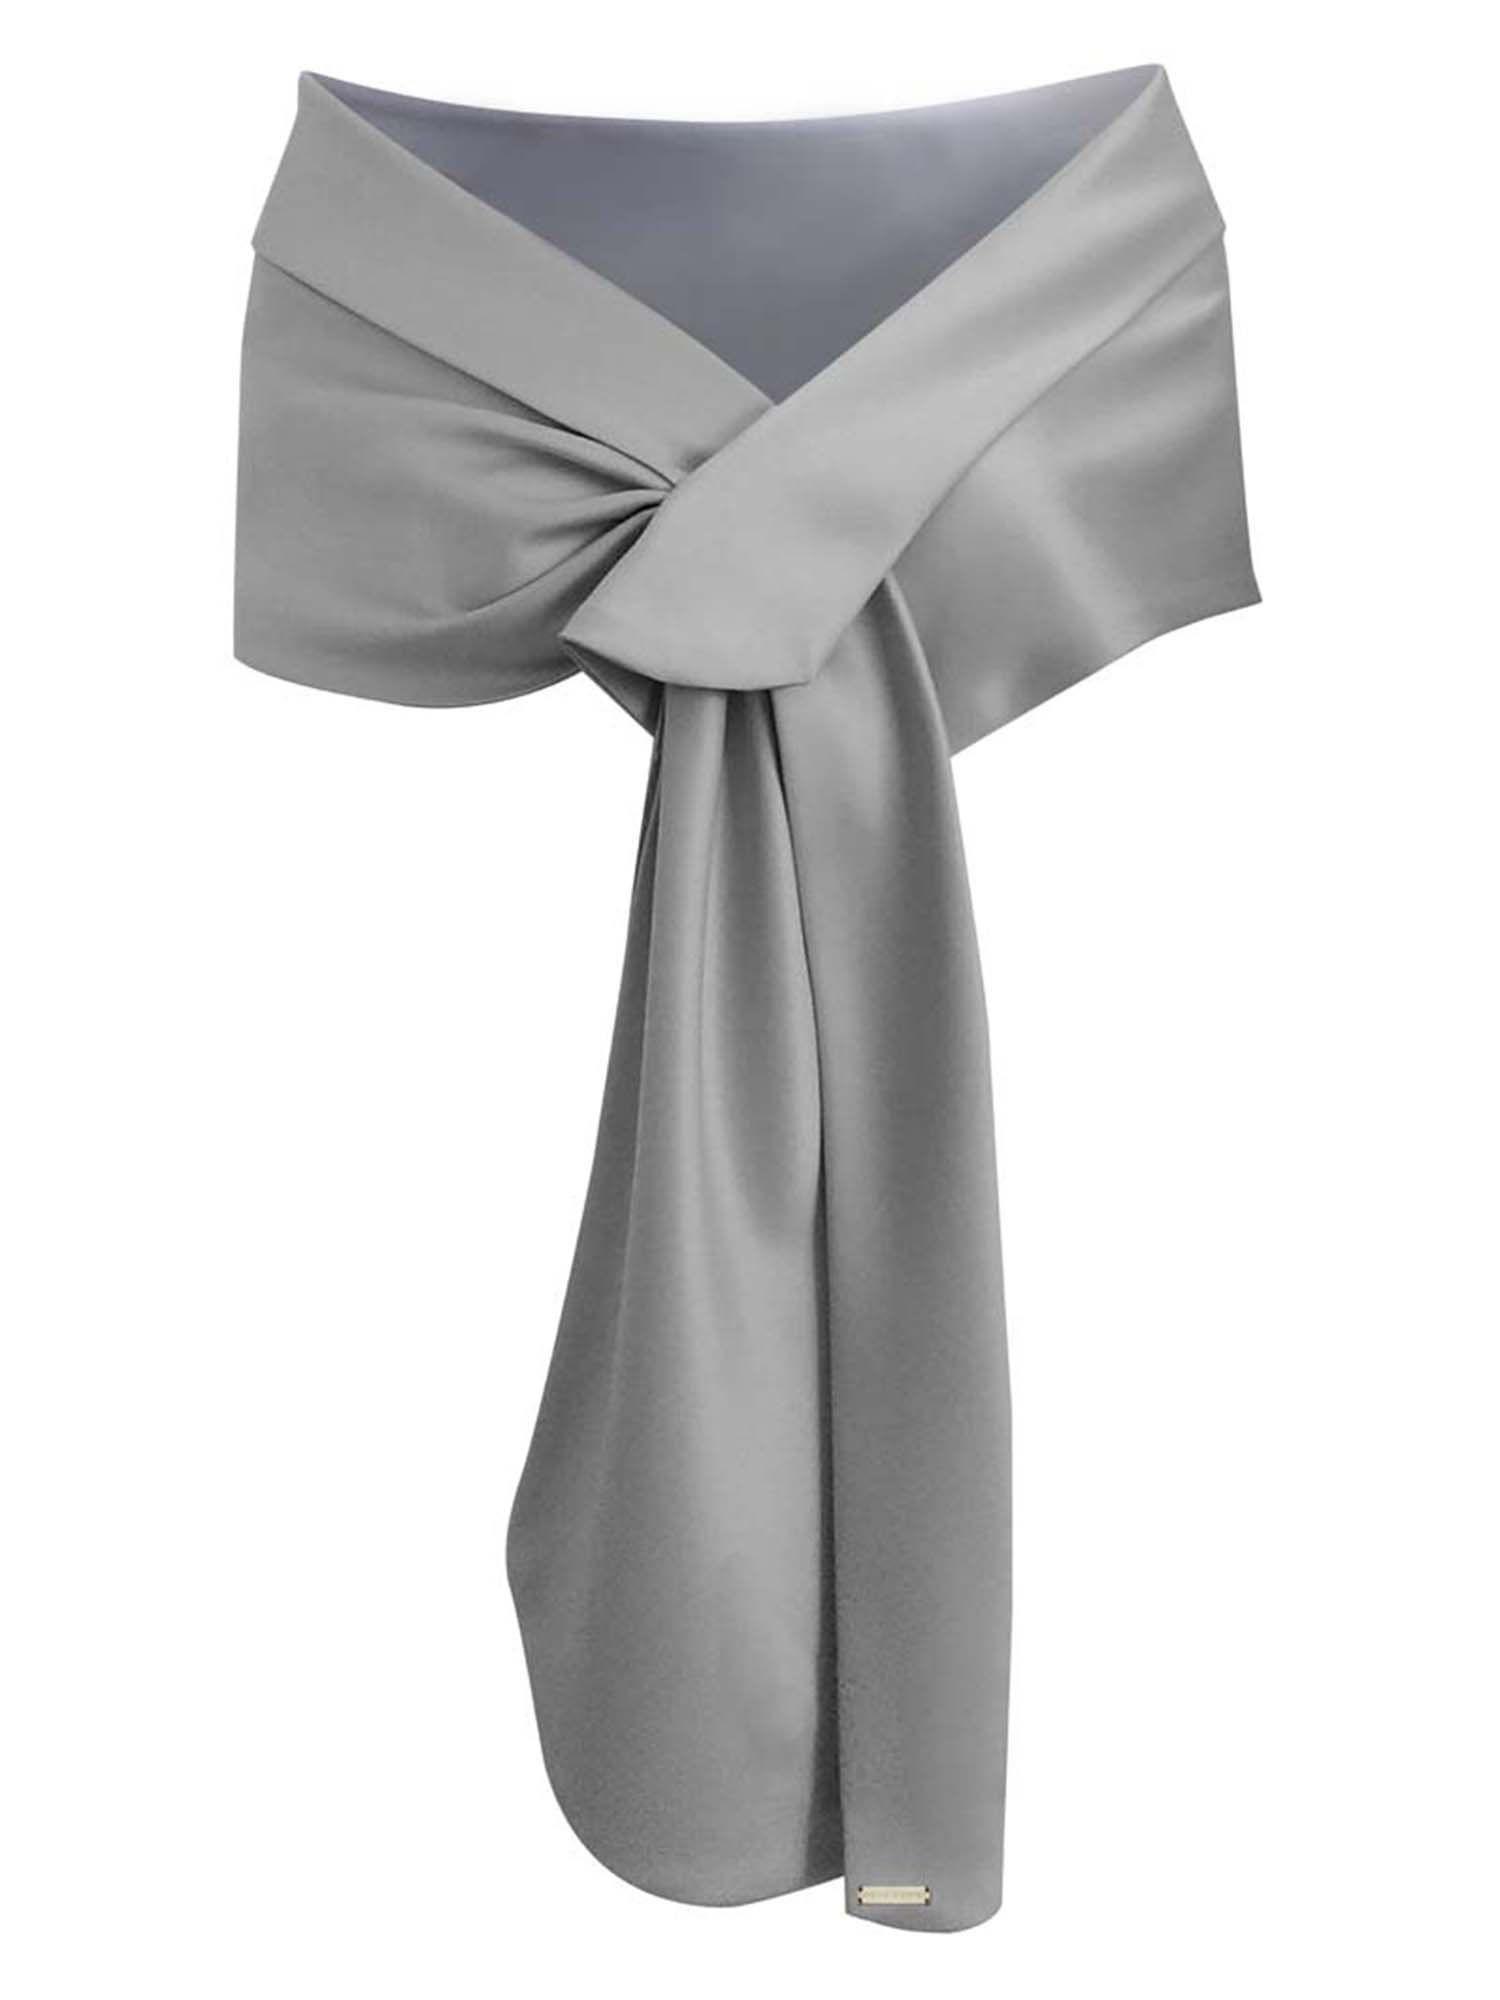 75a53b1503b Noir Echarpe Châle Foulard Etole Satin Pour Femmes Robes de Cérémonie  Soirée Mariage Mariée en 2019